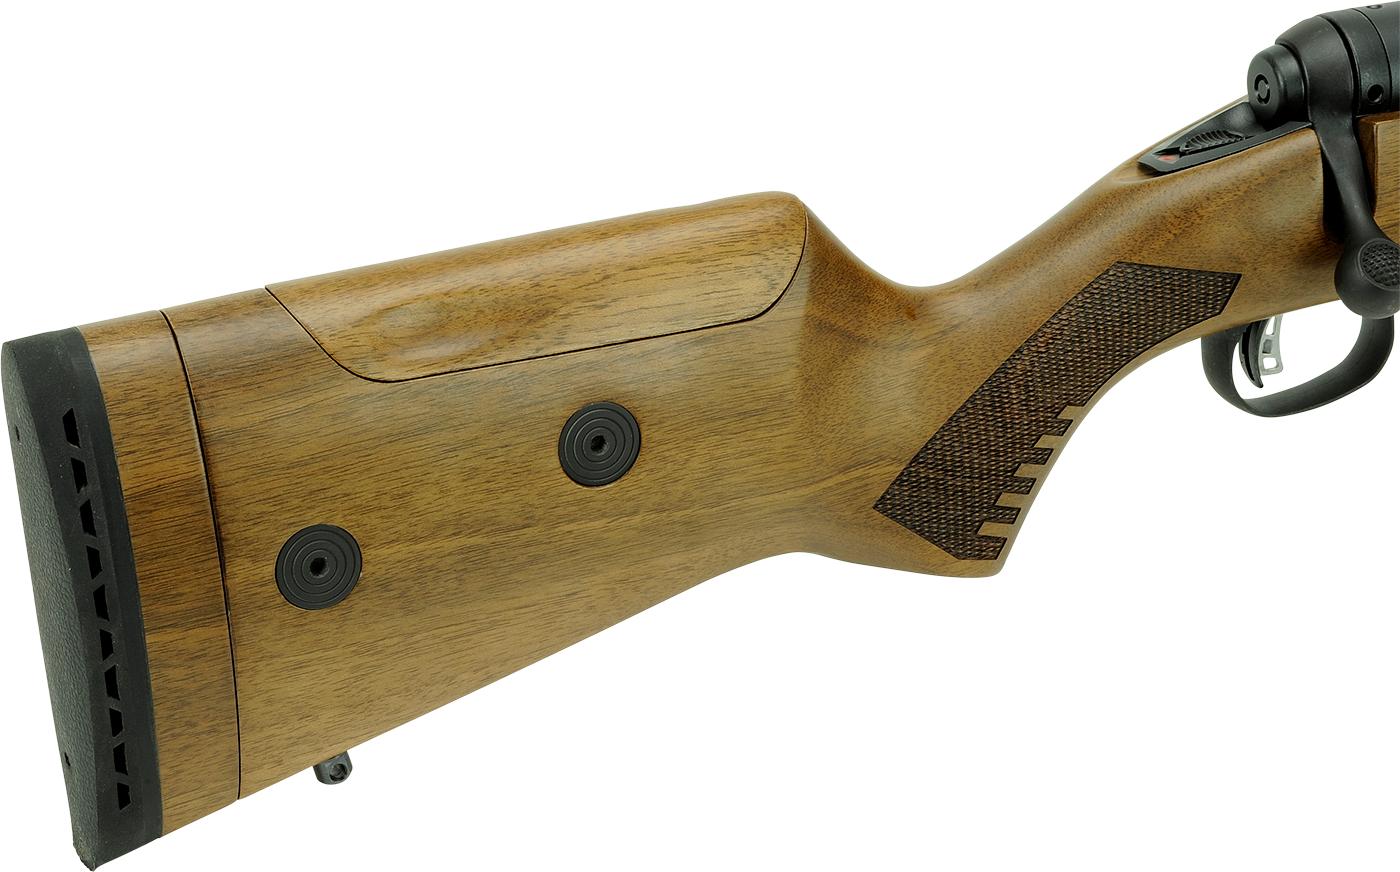 il calcio in legno di noce della carabina savage 100 classic